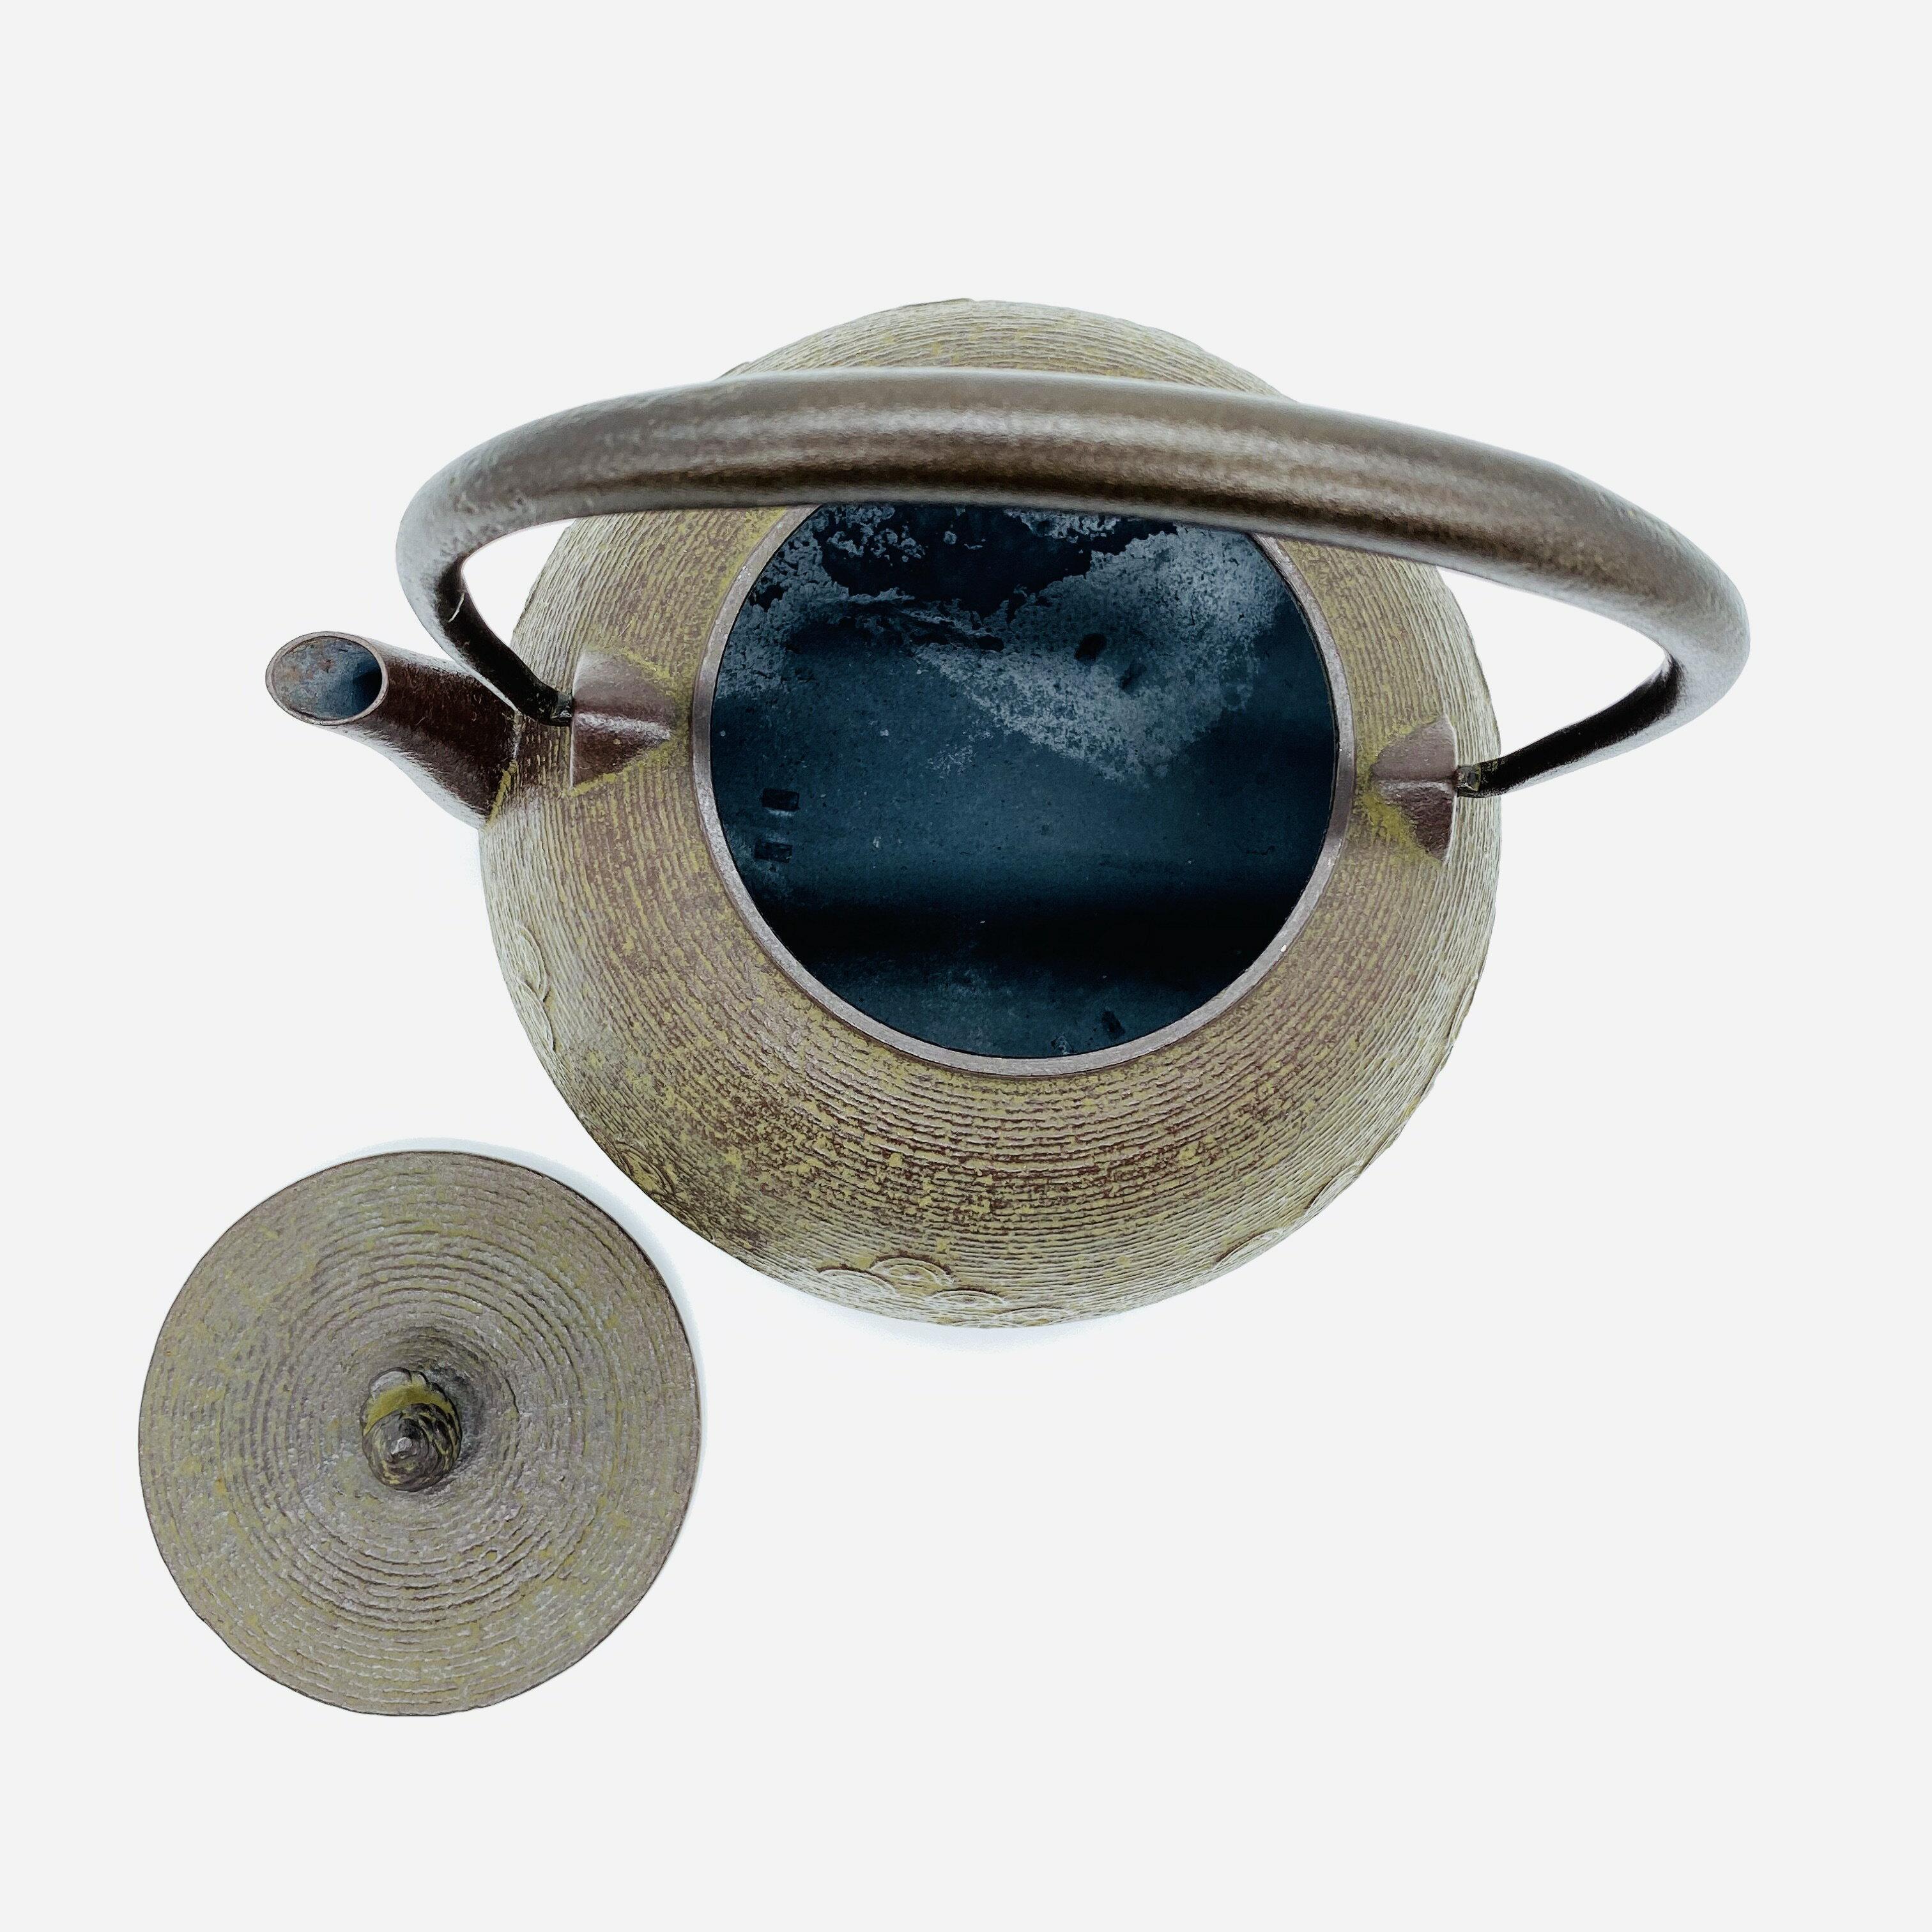 日本 本場南部鐵器-【佐藤勝久 平丸型 系目波紋 1.2L】鐵壺 鉄瓶 煮水 泡茶 只有1個 1